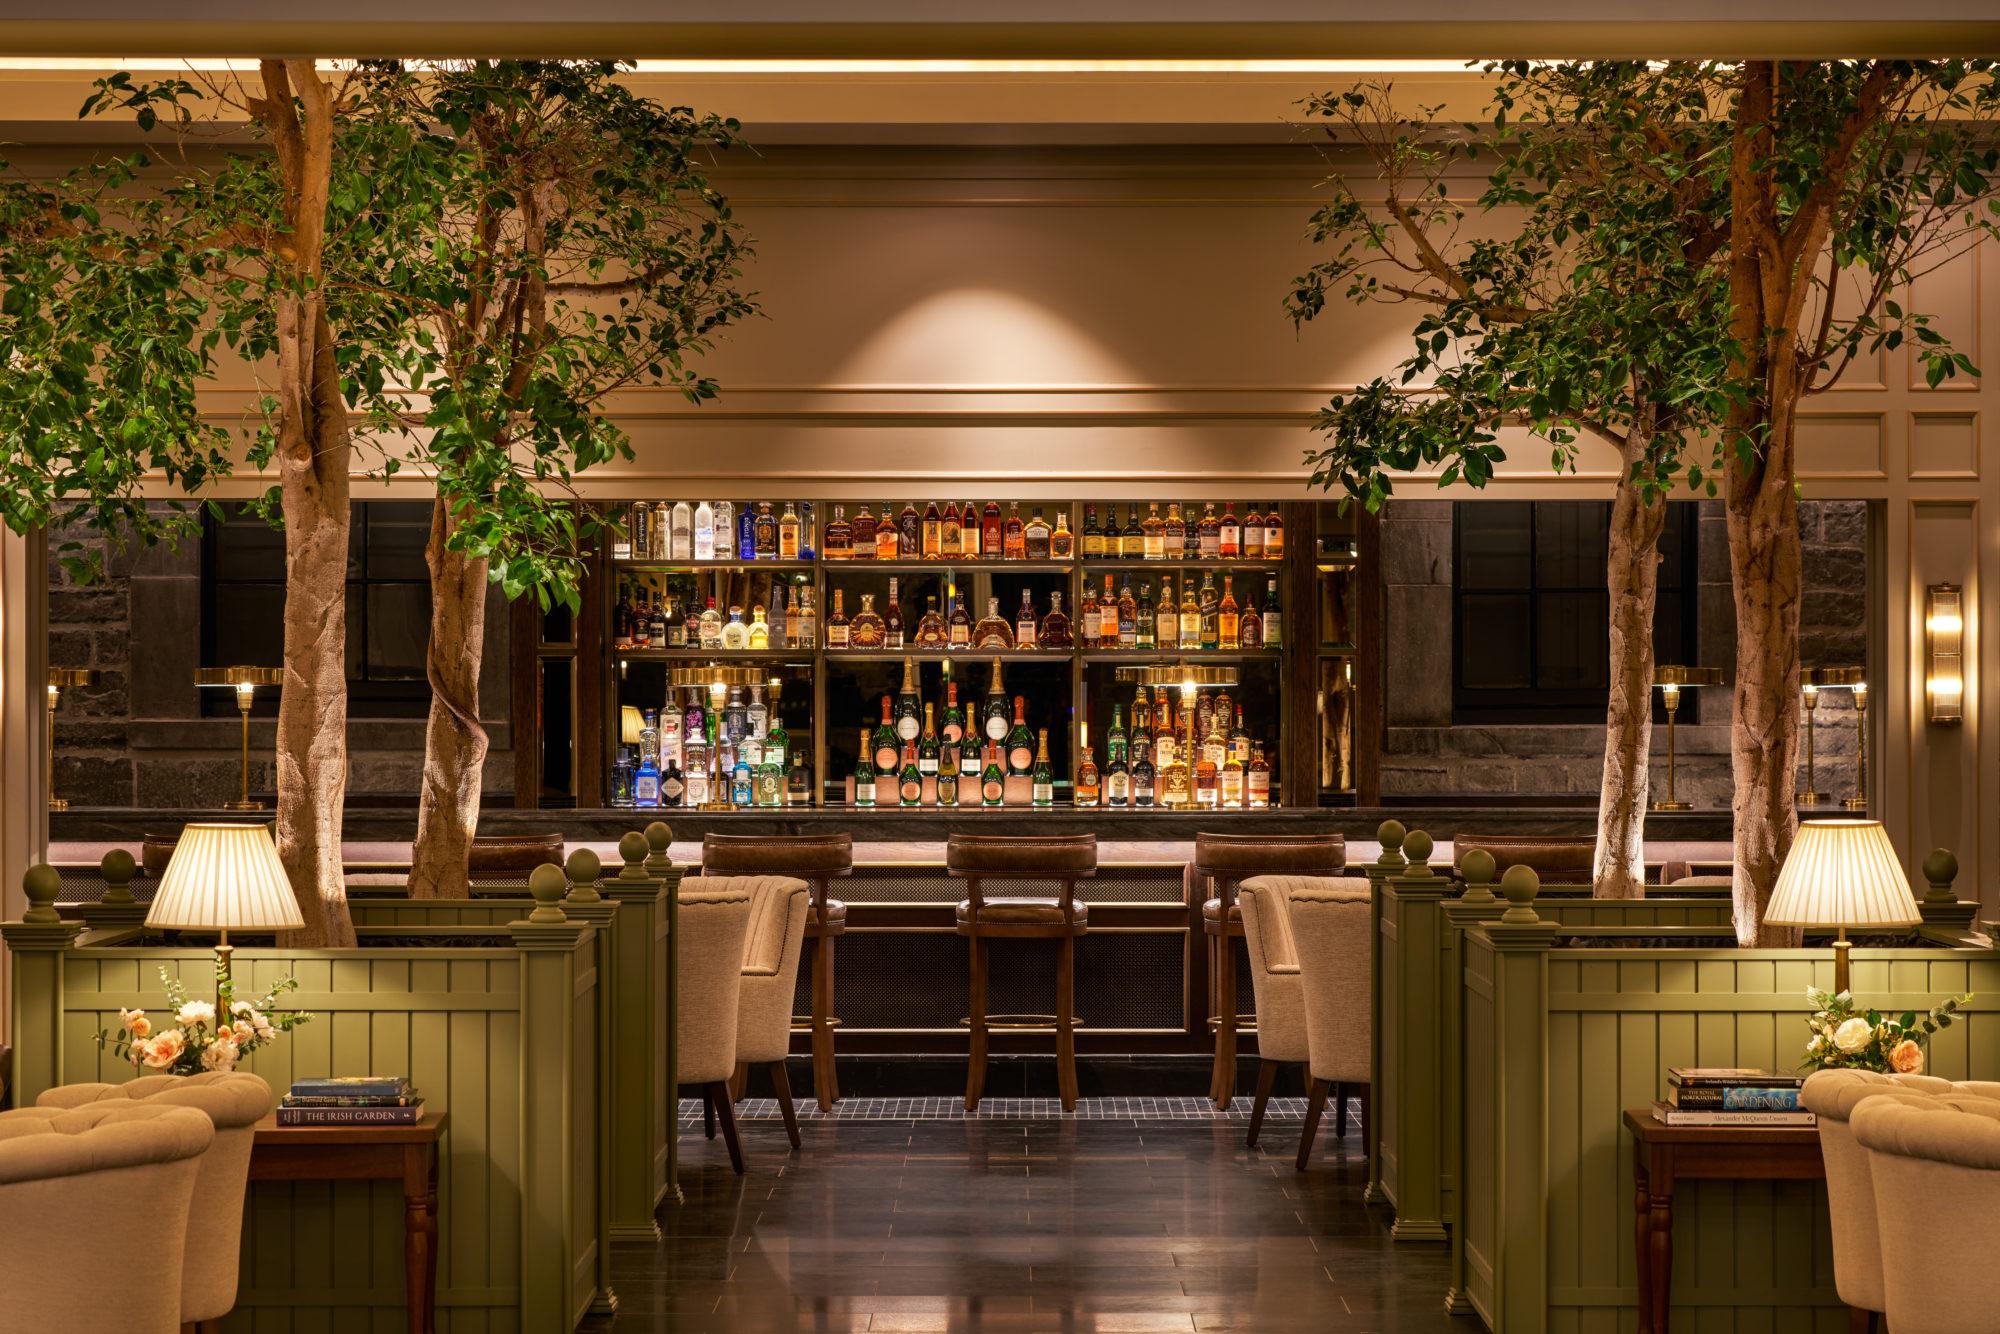 The Courtyard Bar at Carton House copyright Carton House-jpg